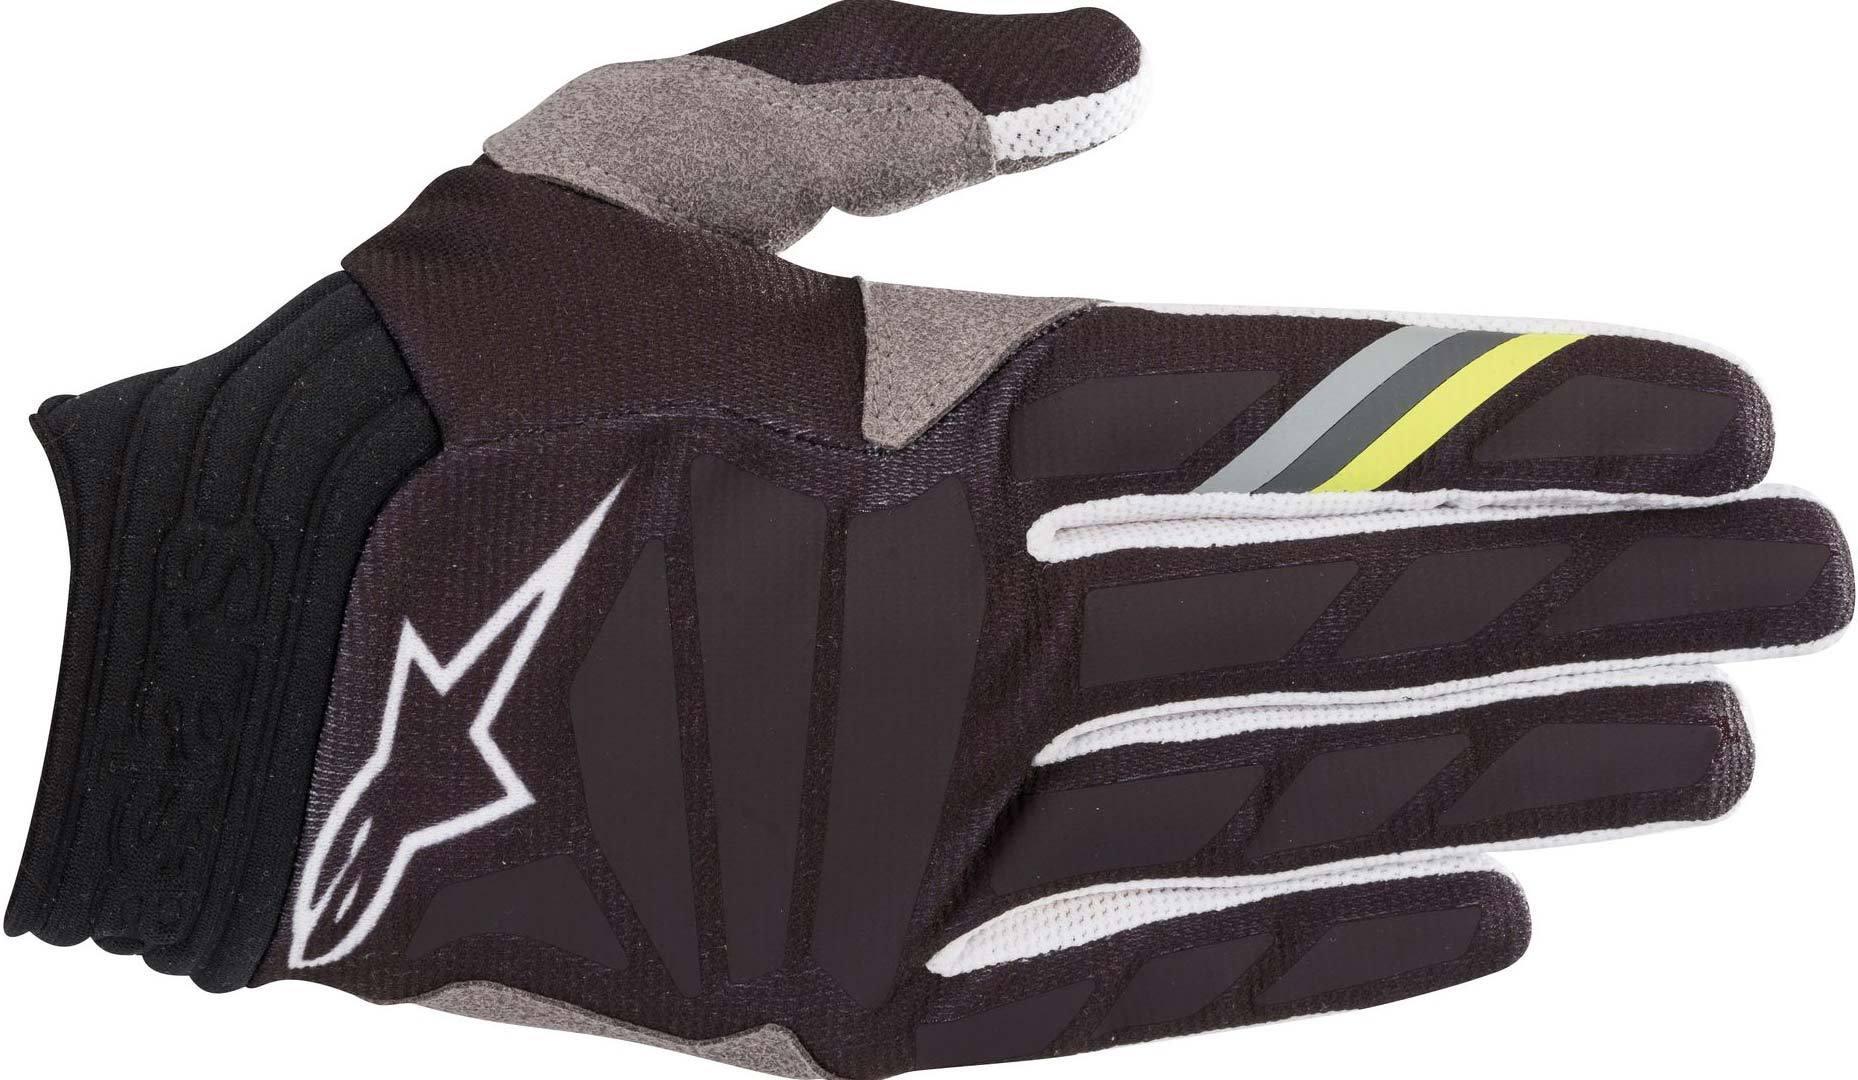 Alpinestars Aviator Motocross Gloves Black Grey XL